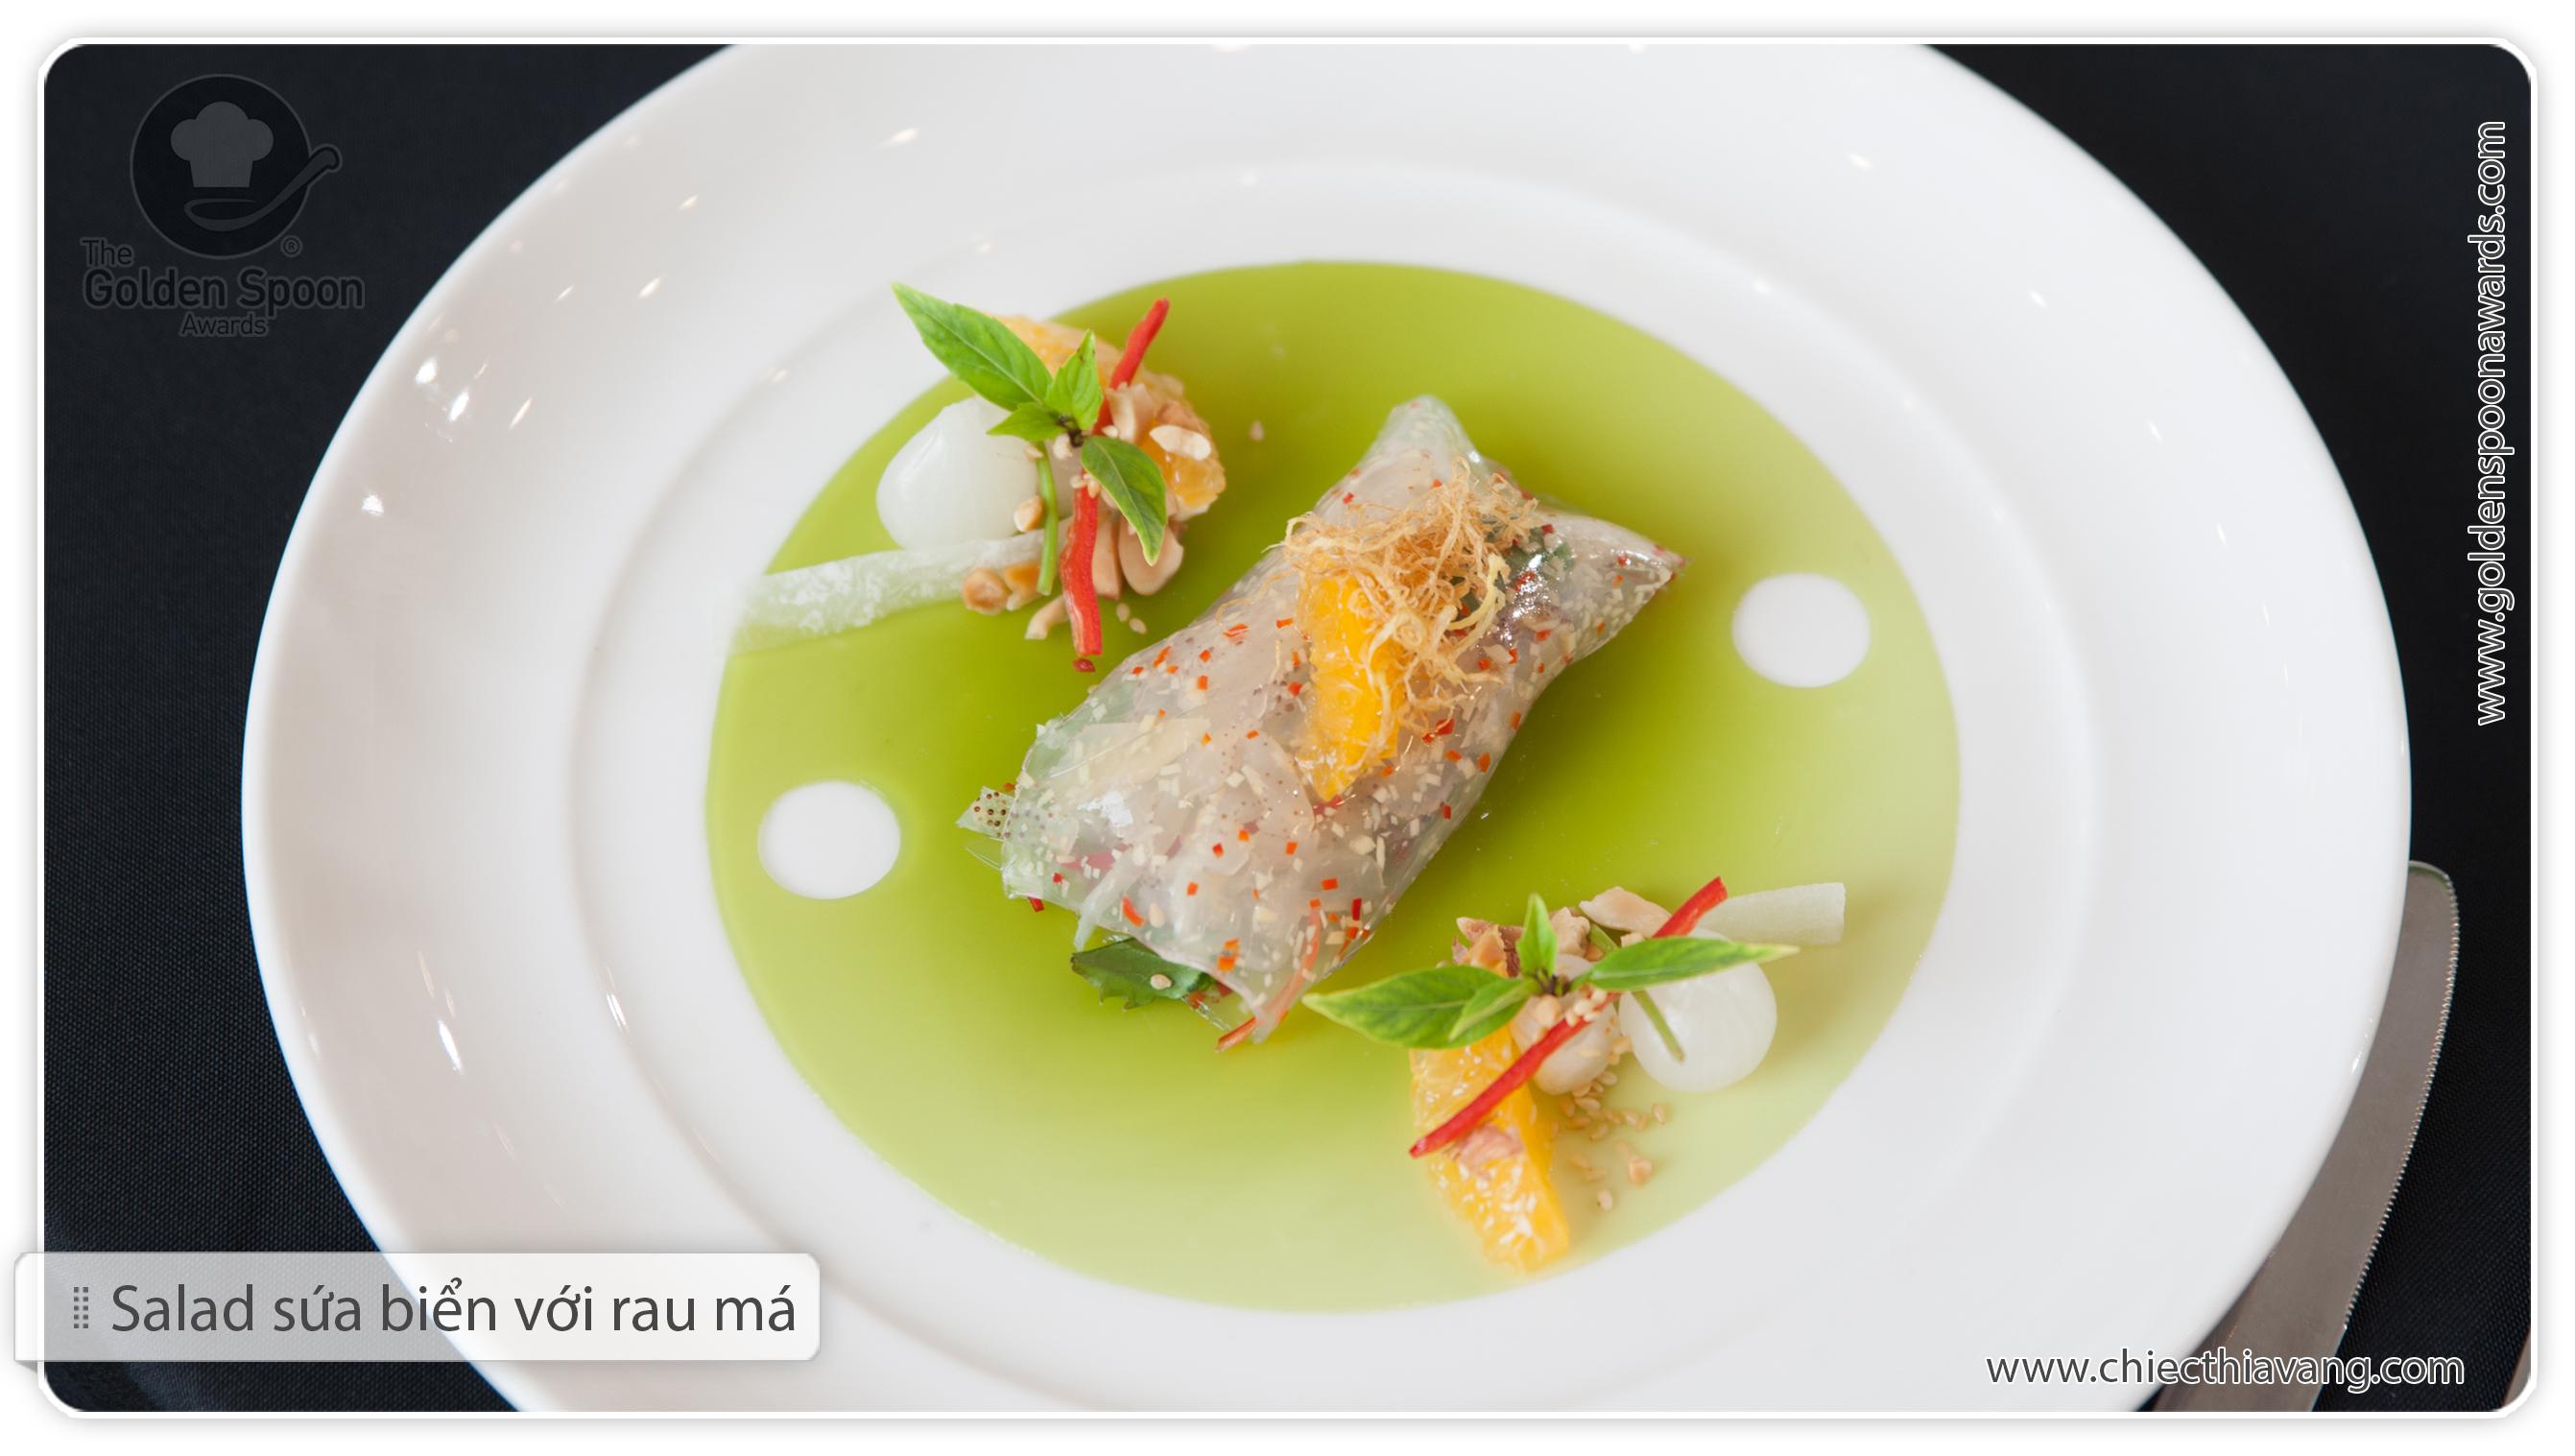 Món Salad sứa biển với rau má của đội Khách sạn Lotte Hà Nội ở vòng bán kết phía Bắc Chiếc Thìa Vàng 2015